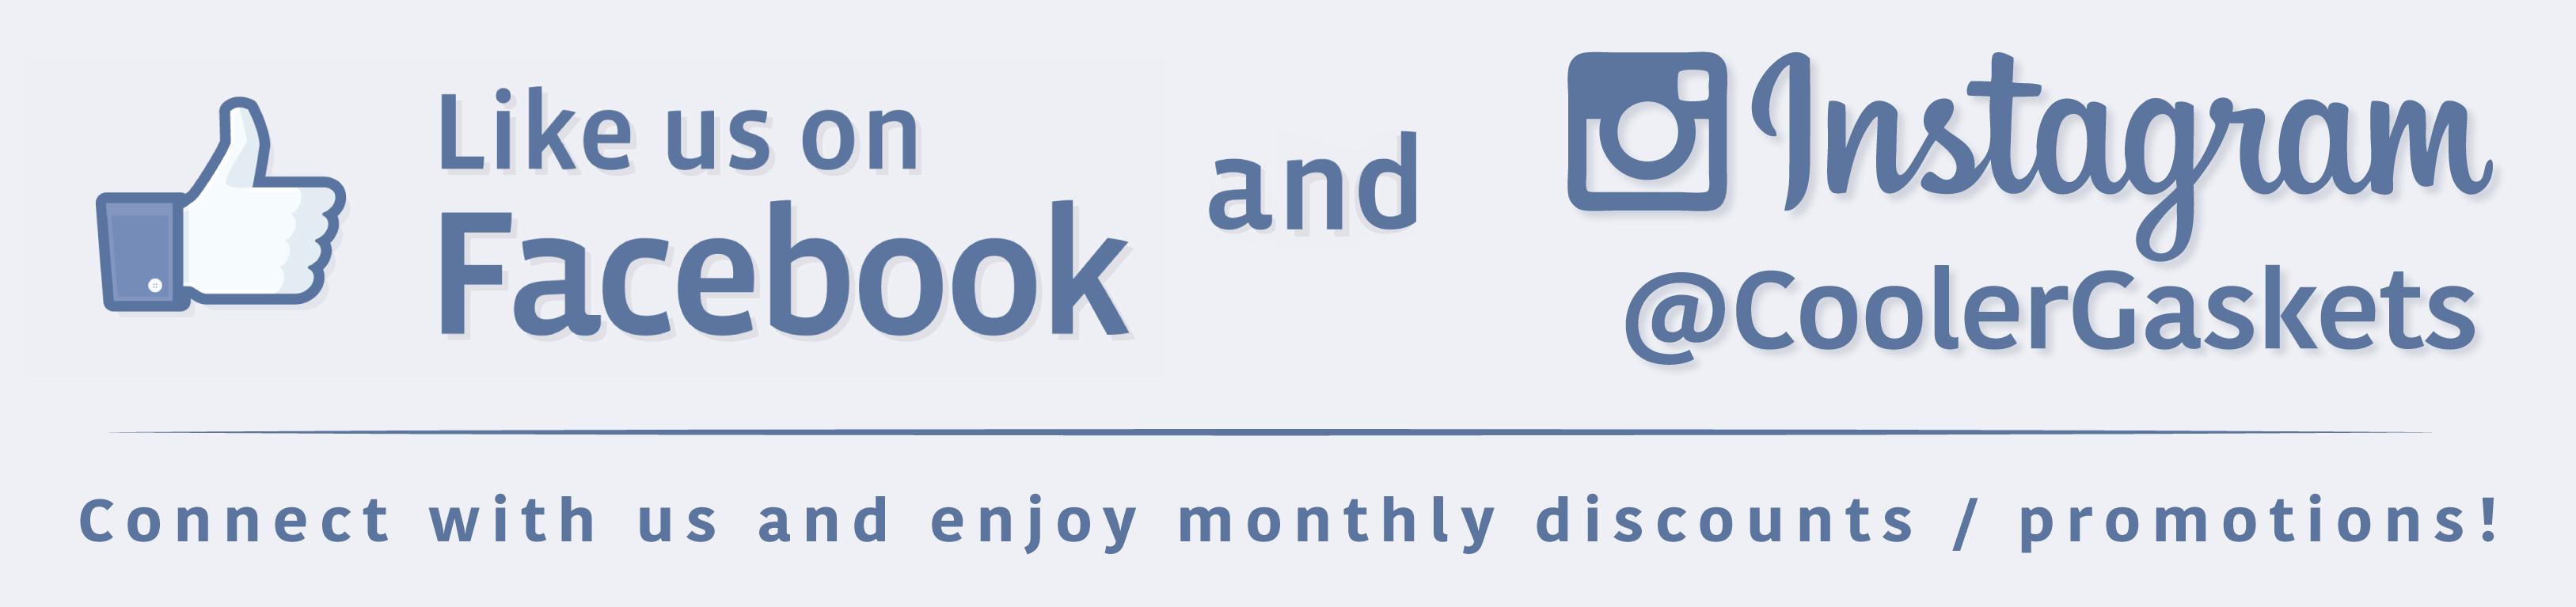 like-cooler-gaskets-on-facebook